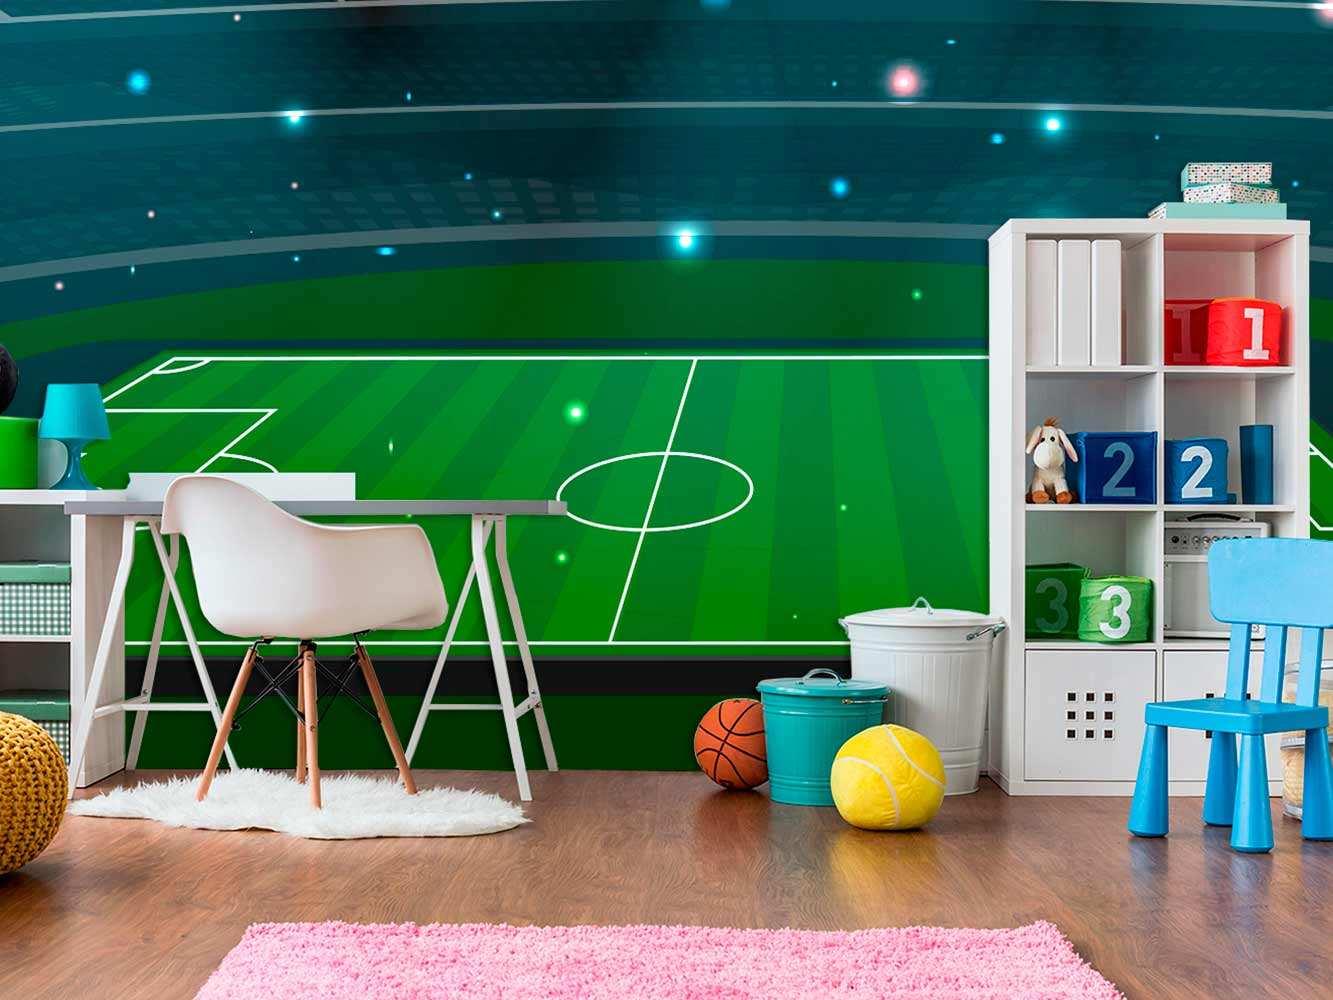 Fotomural Vinilo Infantil Estadio de Fútbol | Carteles XXL - Impresión carteleria publicitaria